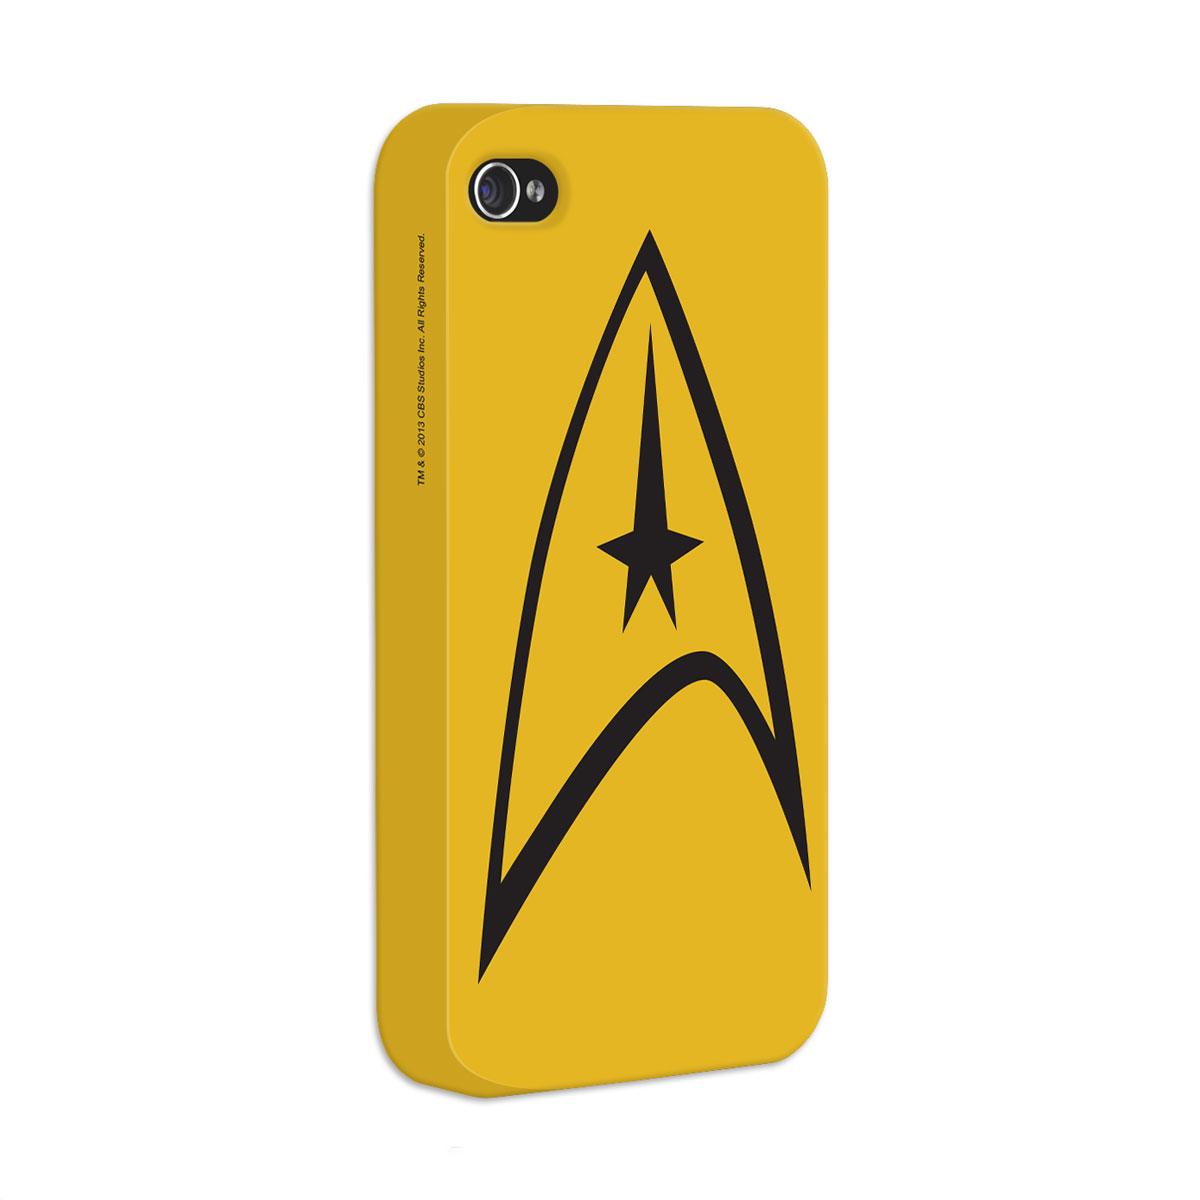 Capa de iPhone 4/4S Star Trek Yellow